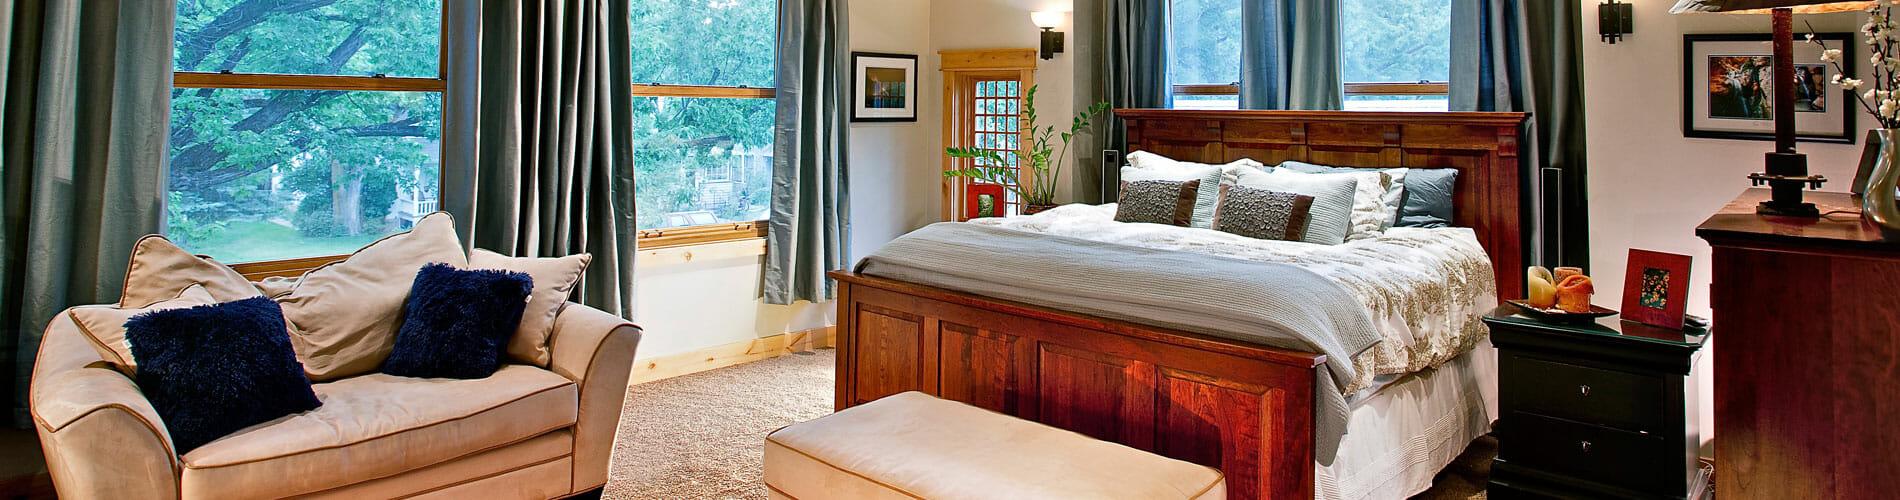 1020 Bedroom by Skywalker Construction Durango Colorado